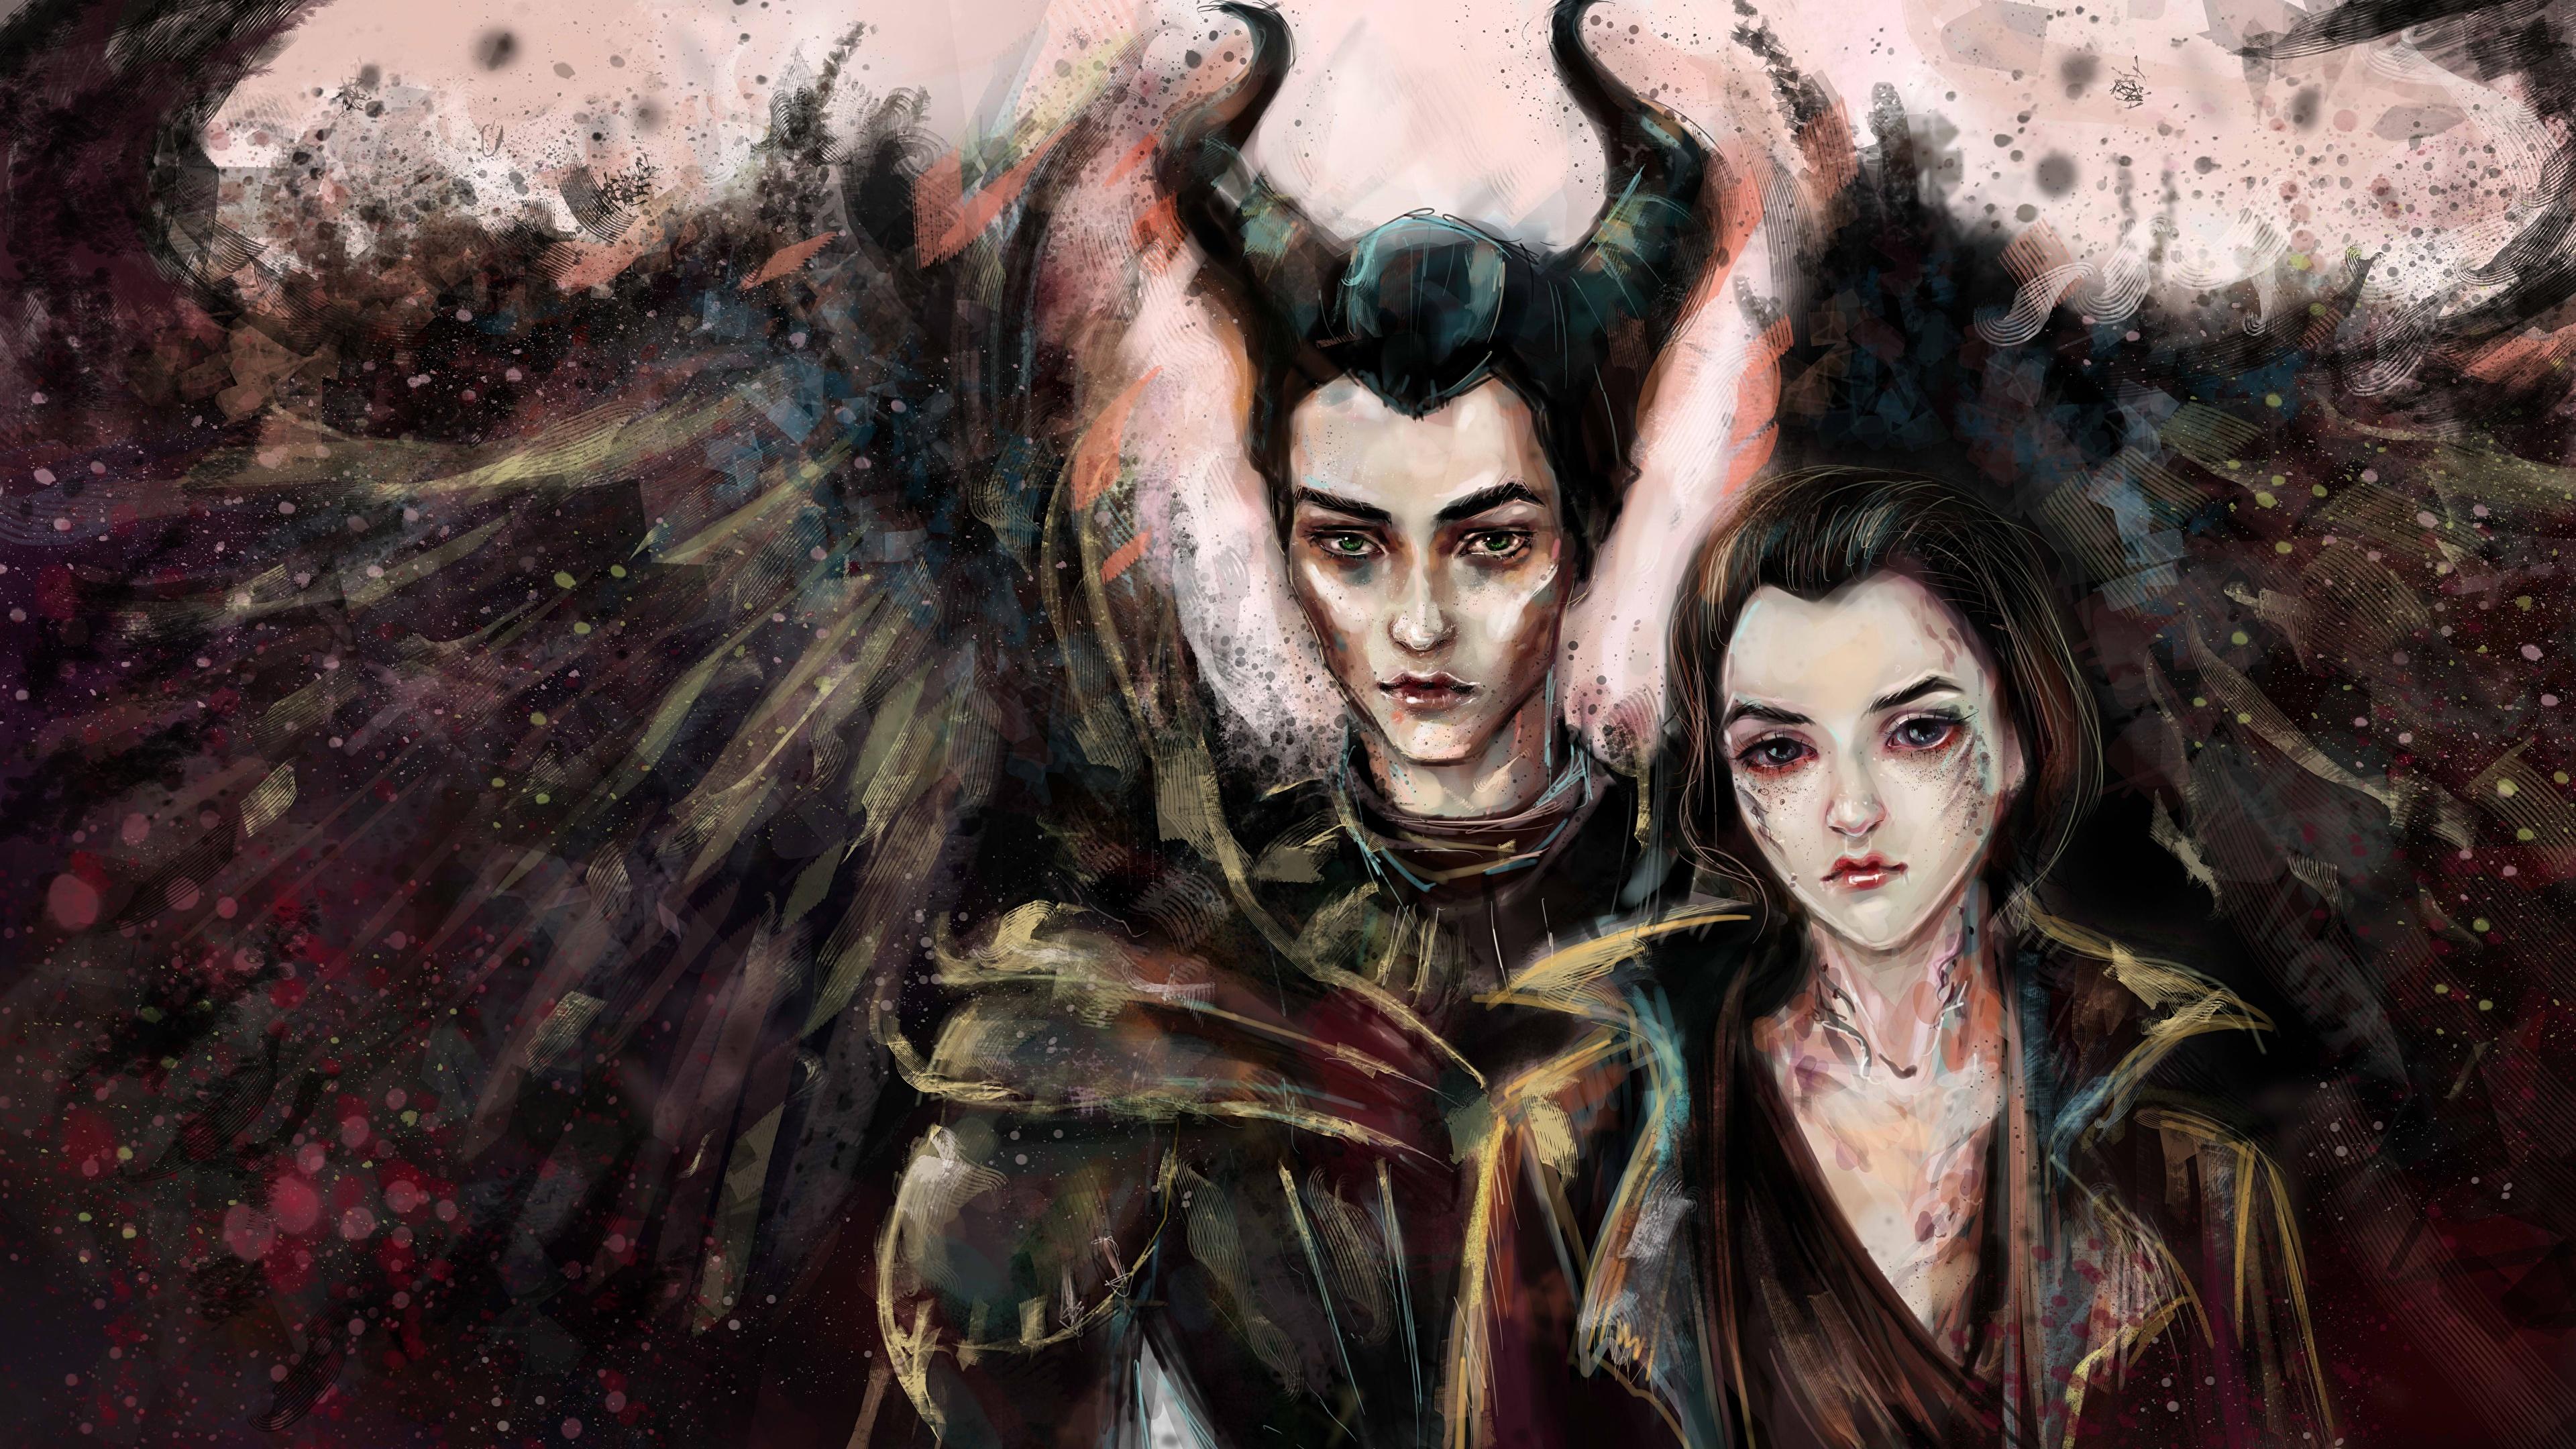 Fondos De Pantalla 3840x2160 Maleficent And Diaval Dos Ala